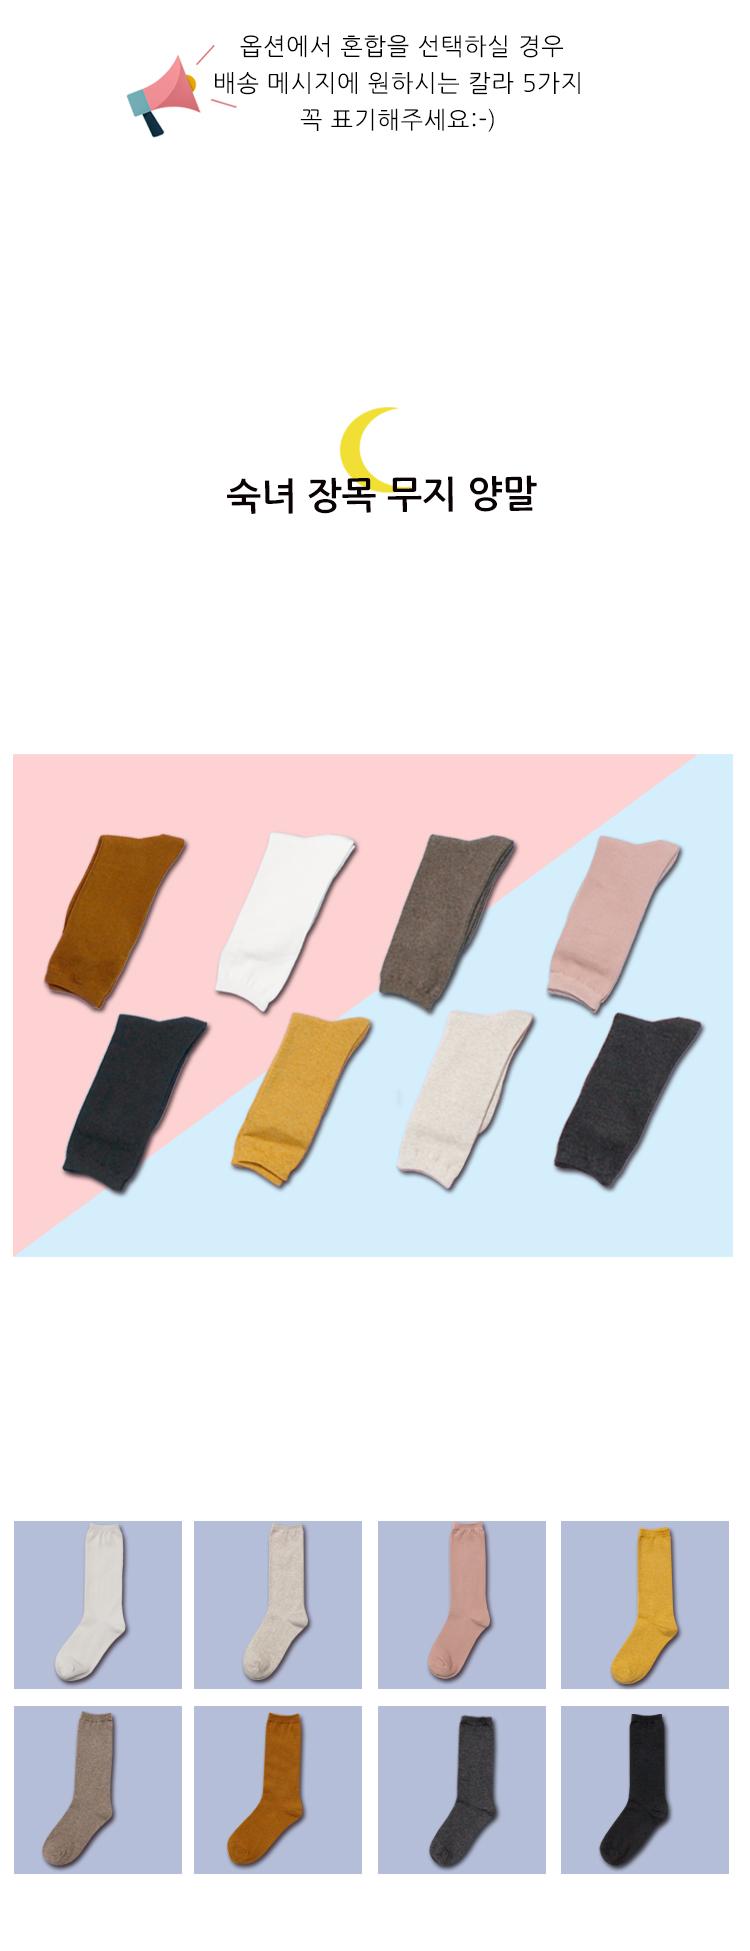 루나삭스_숙녀 8칼라 장목 무지 양말 5개 세트 - 루나삭스, 9,000원, 여성양말, 패션양말